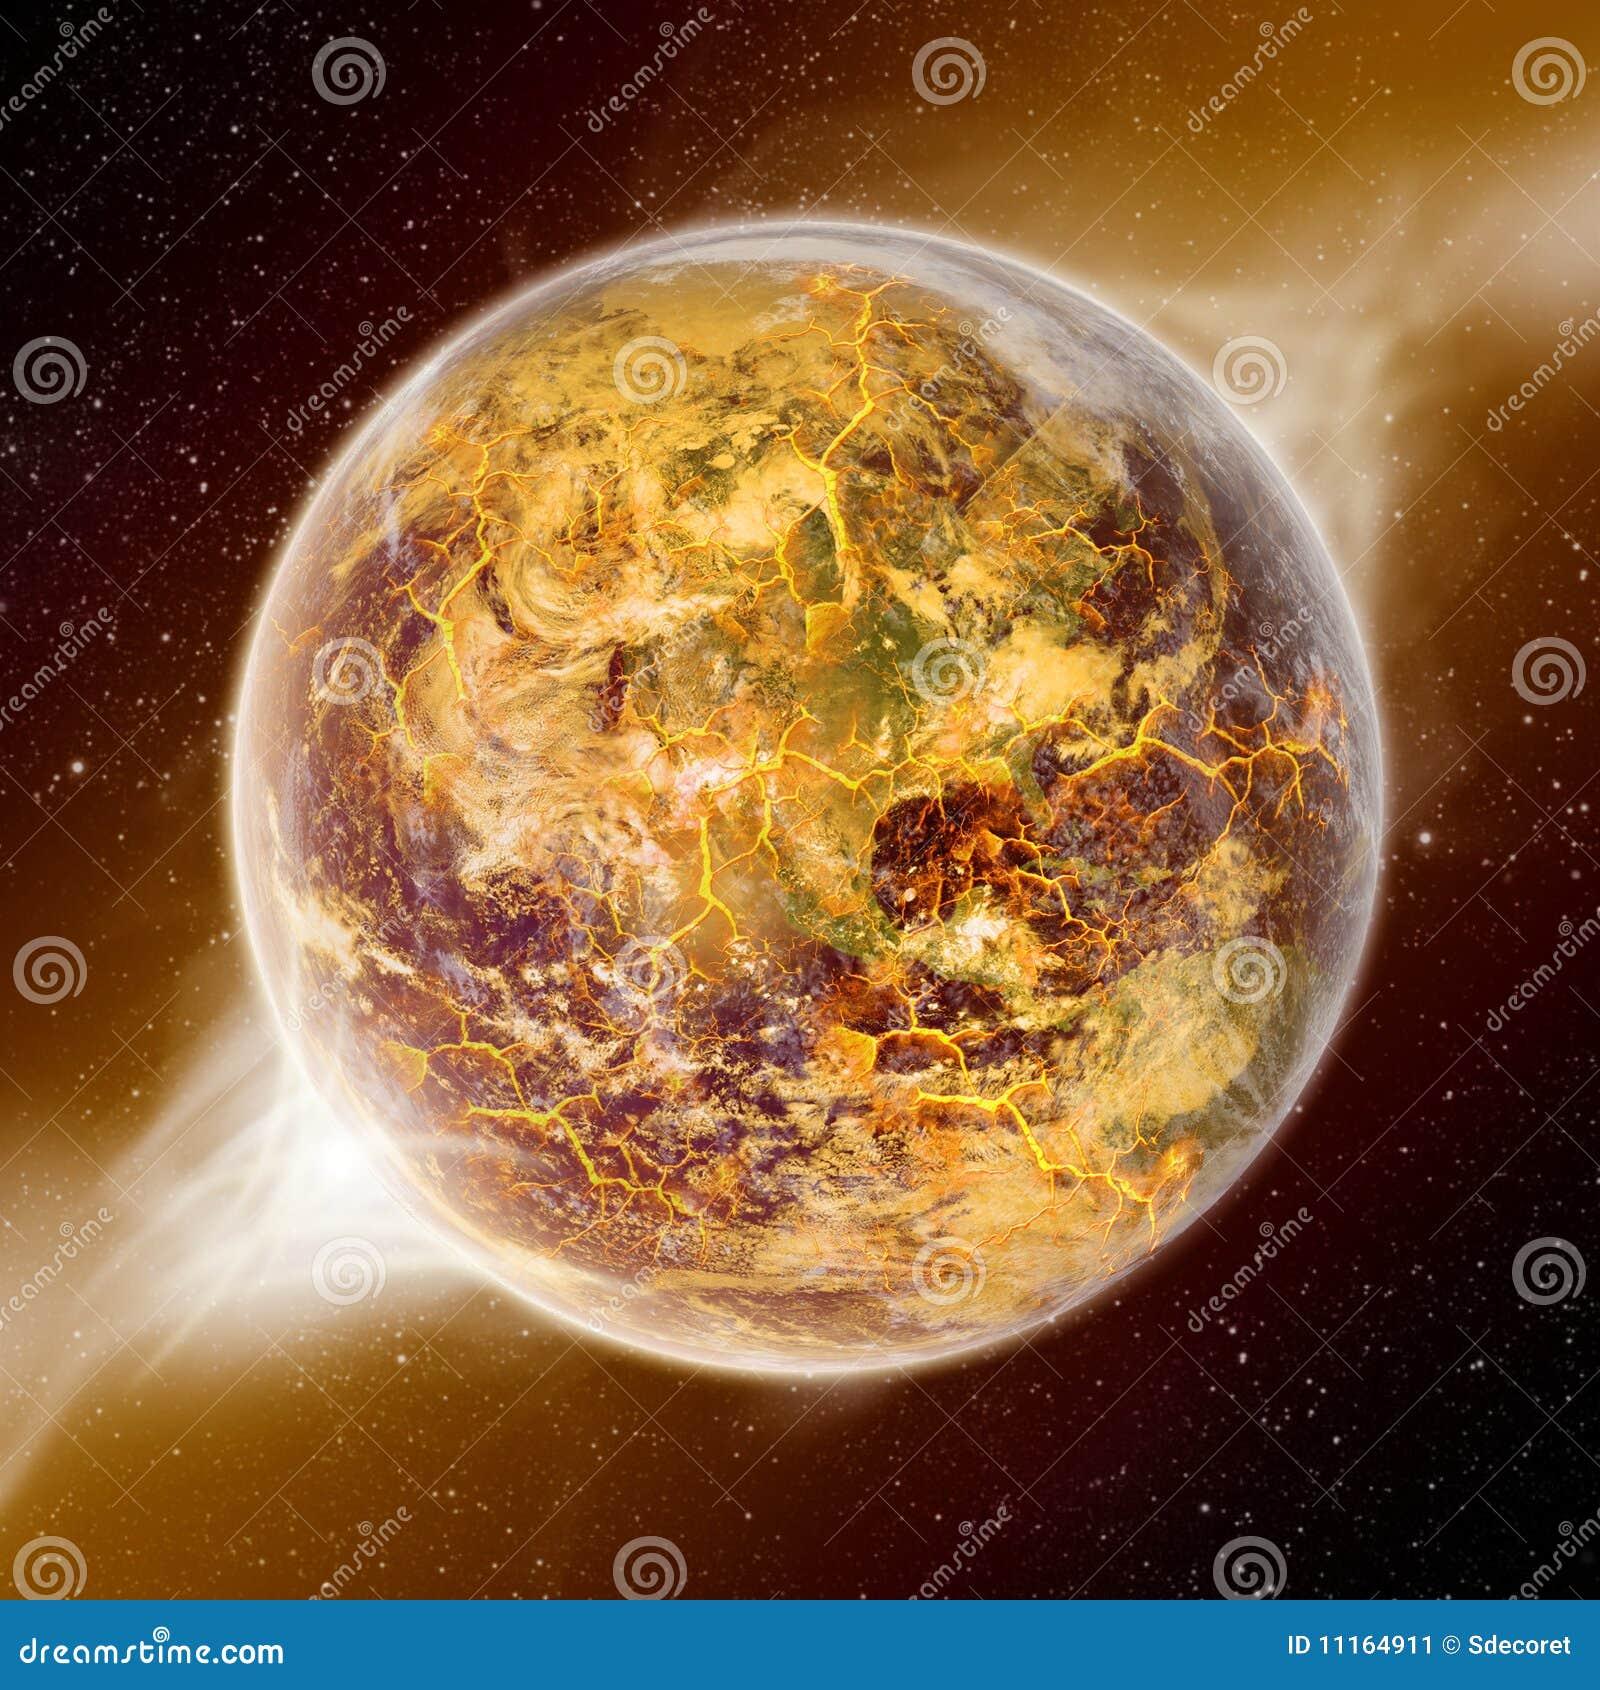 Apocalypse - extrémité de la terre du temps